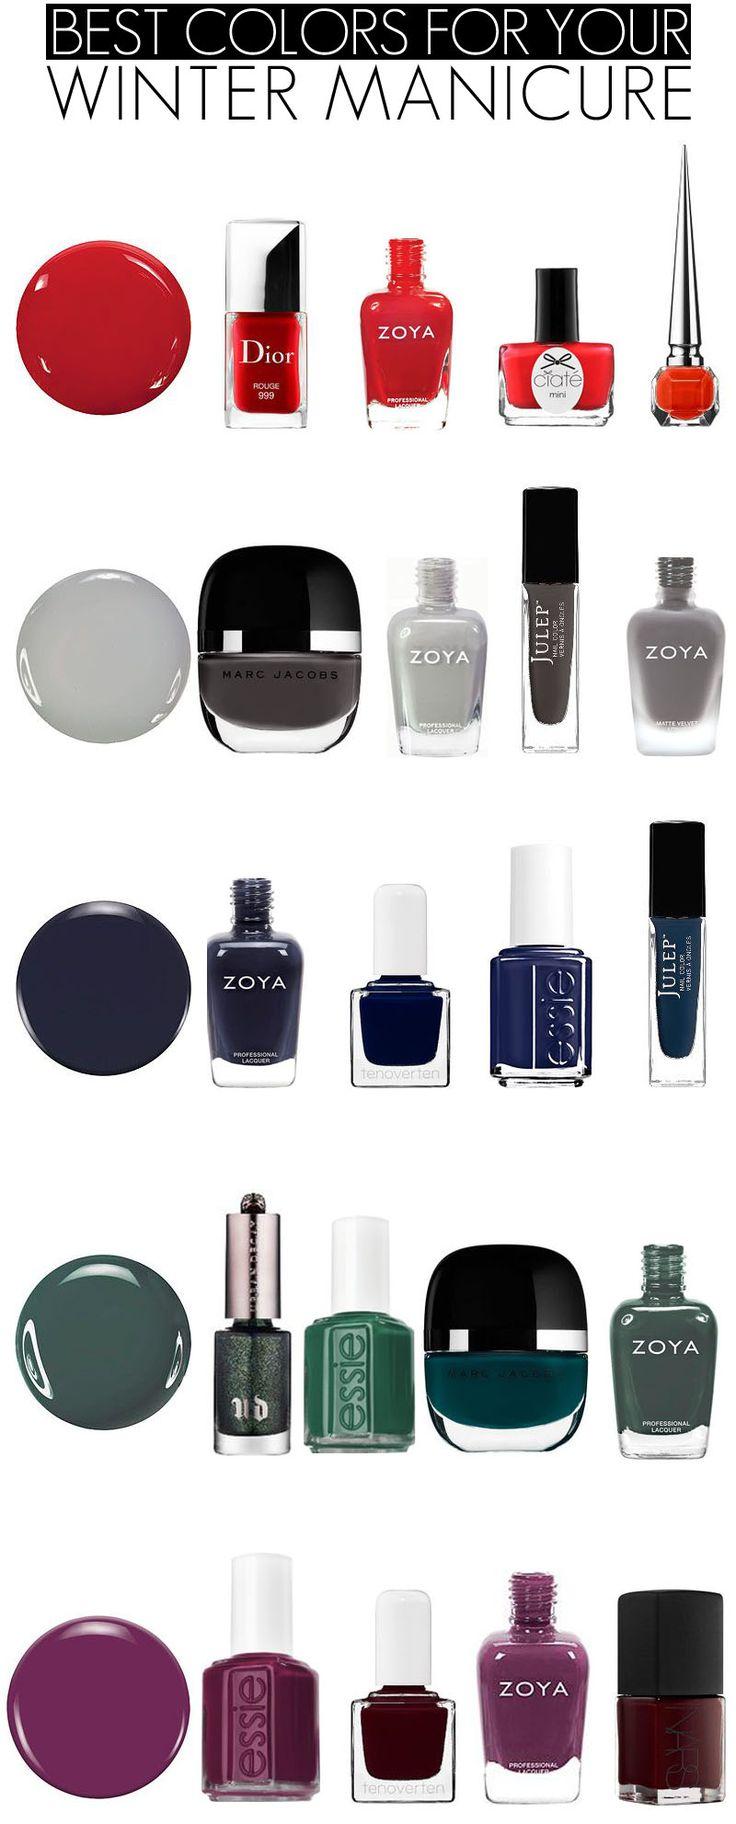 Best Winter Manicure Colors